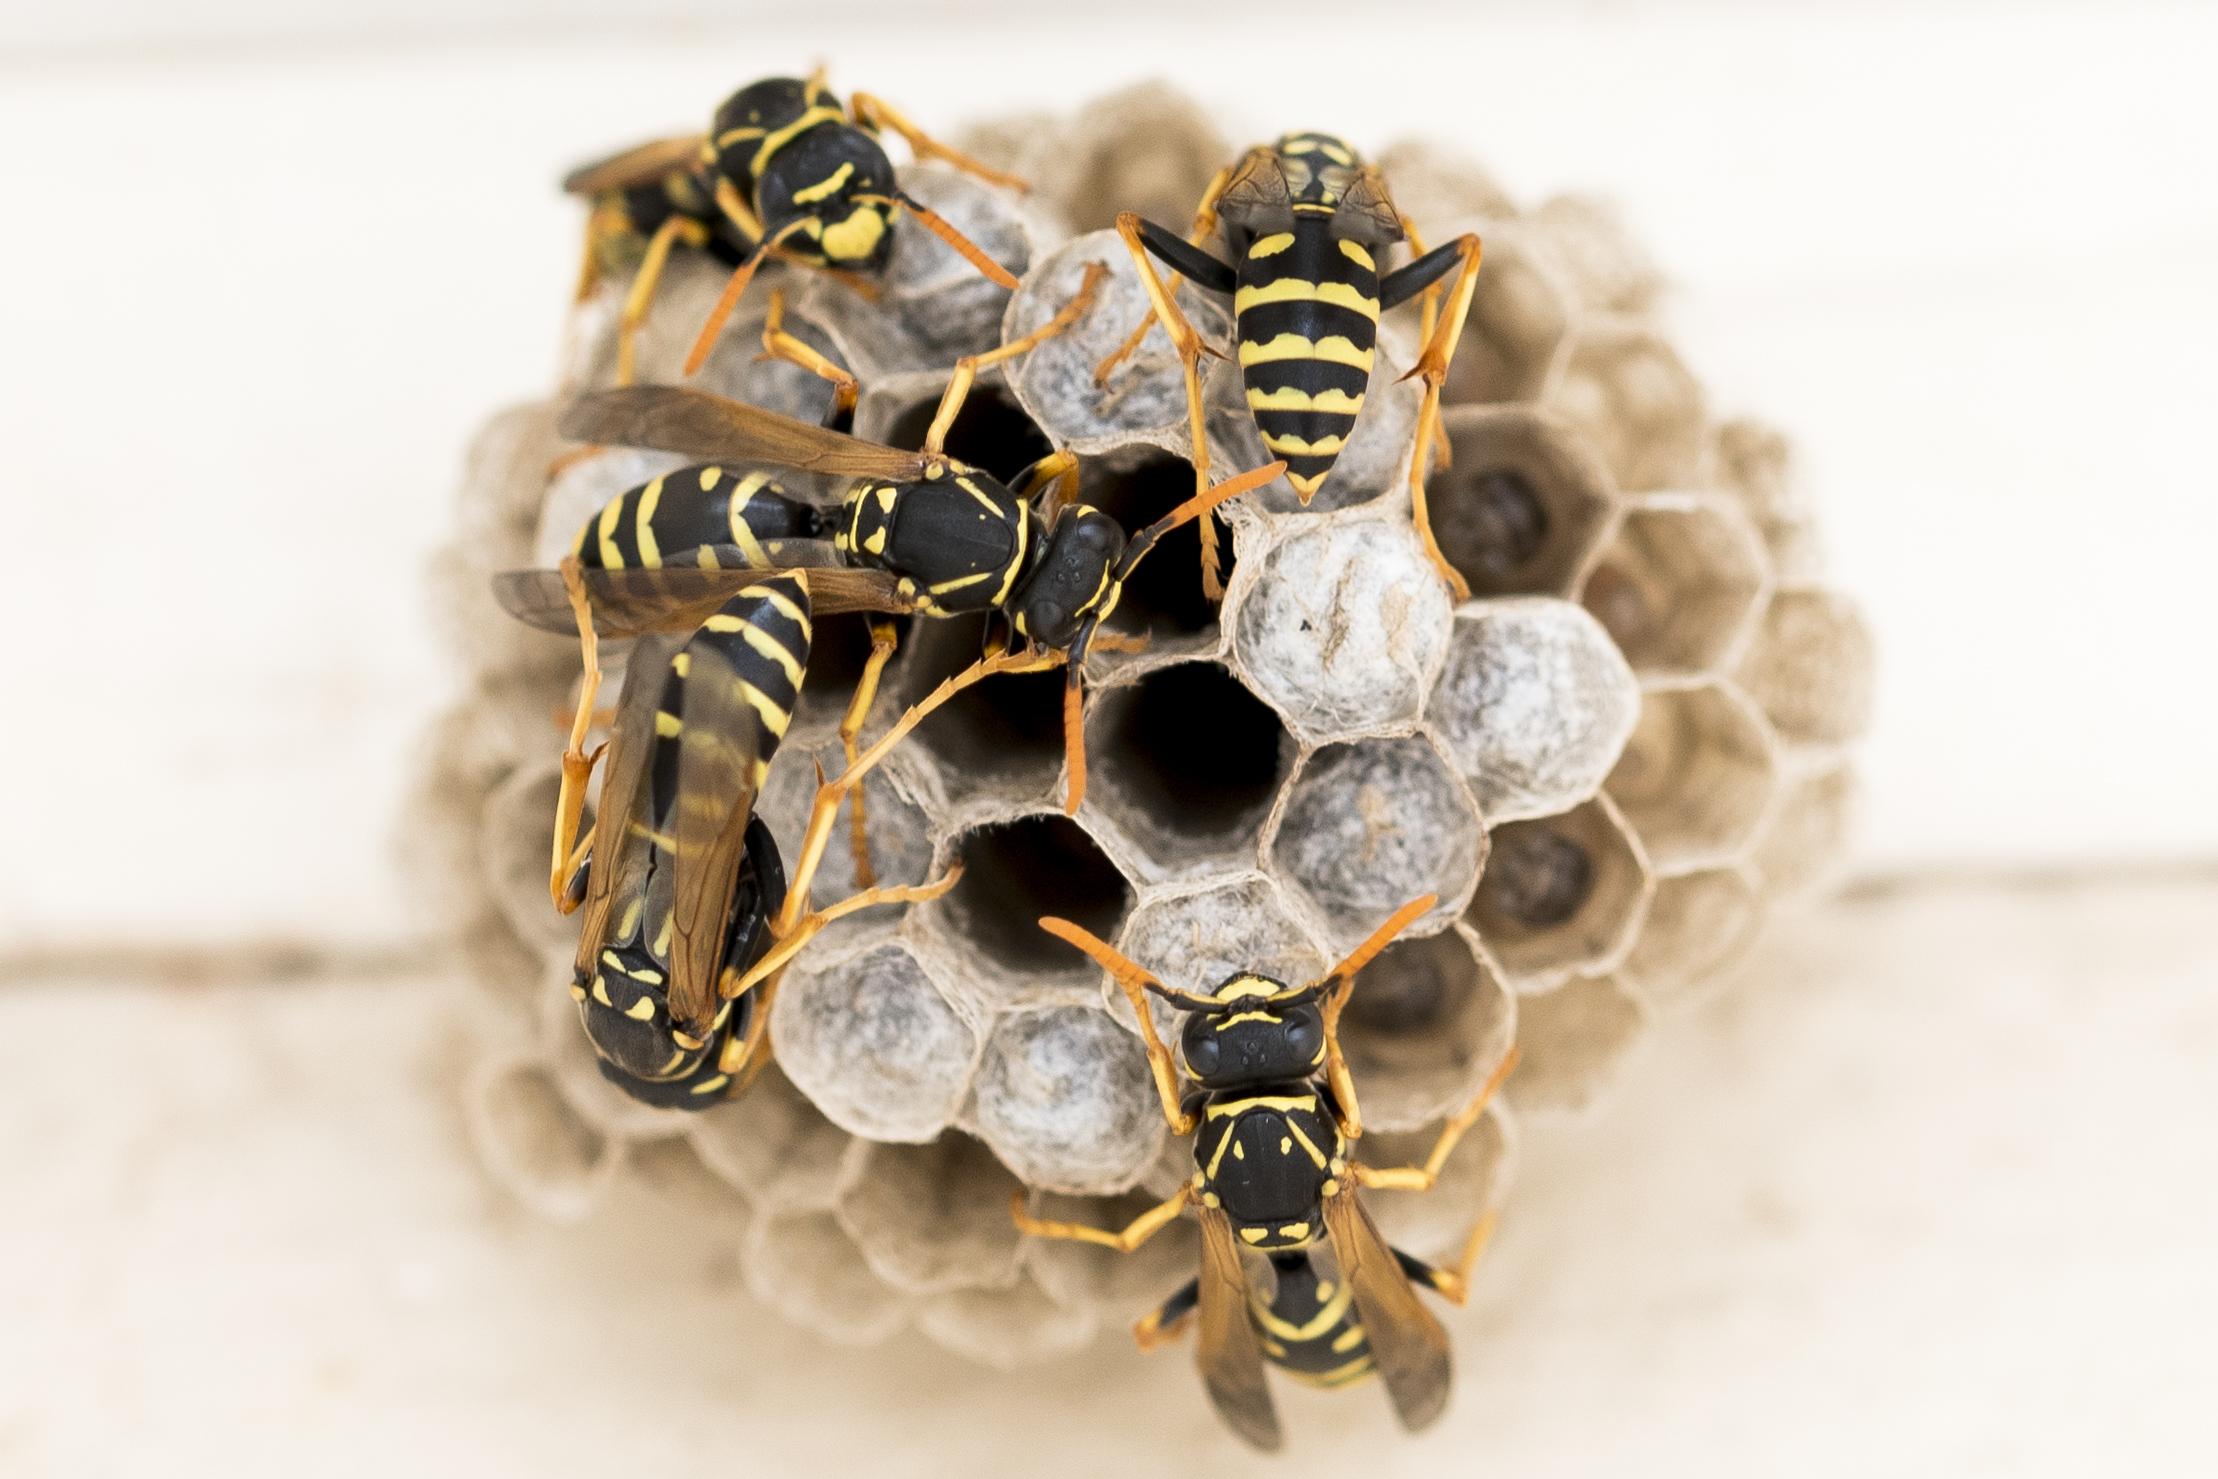 Wasps_Macro.jpg